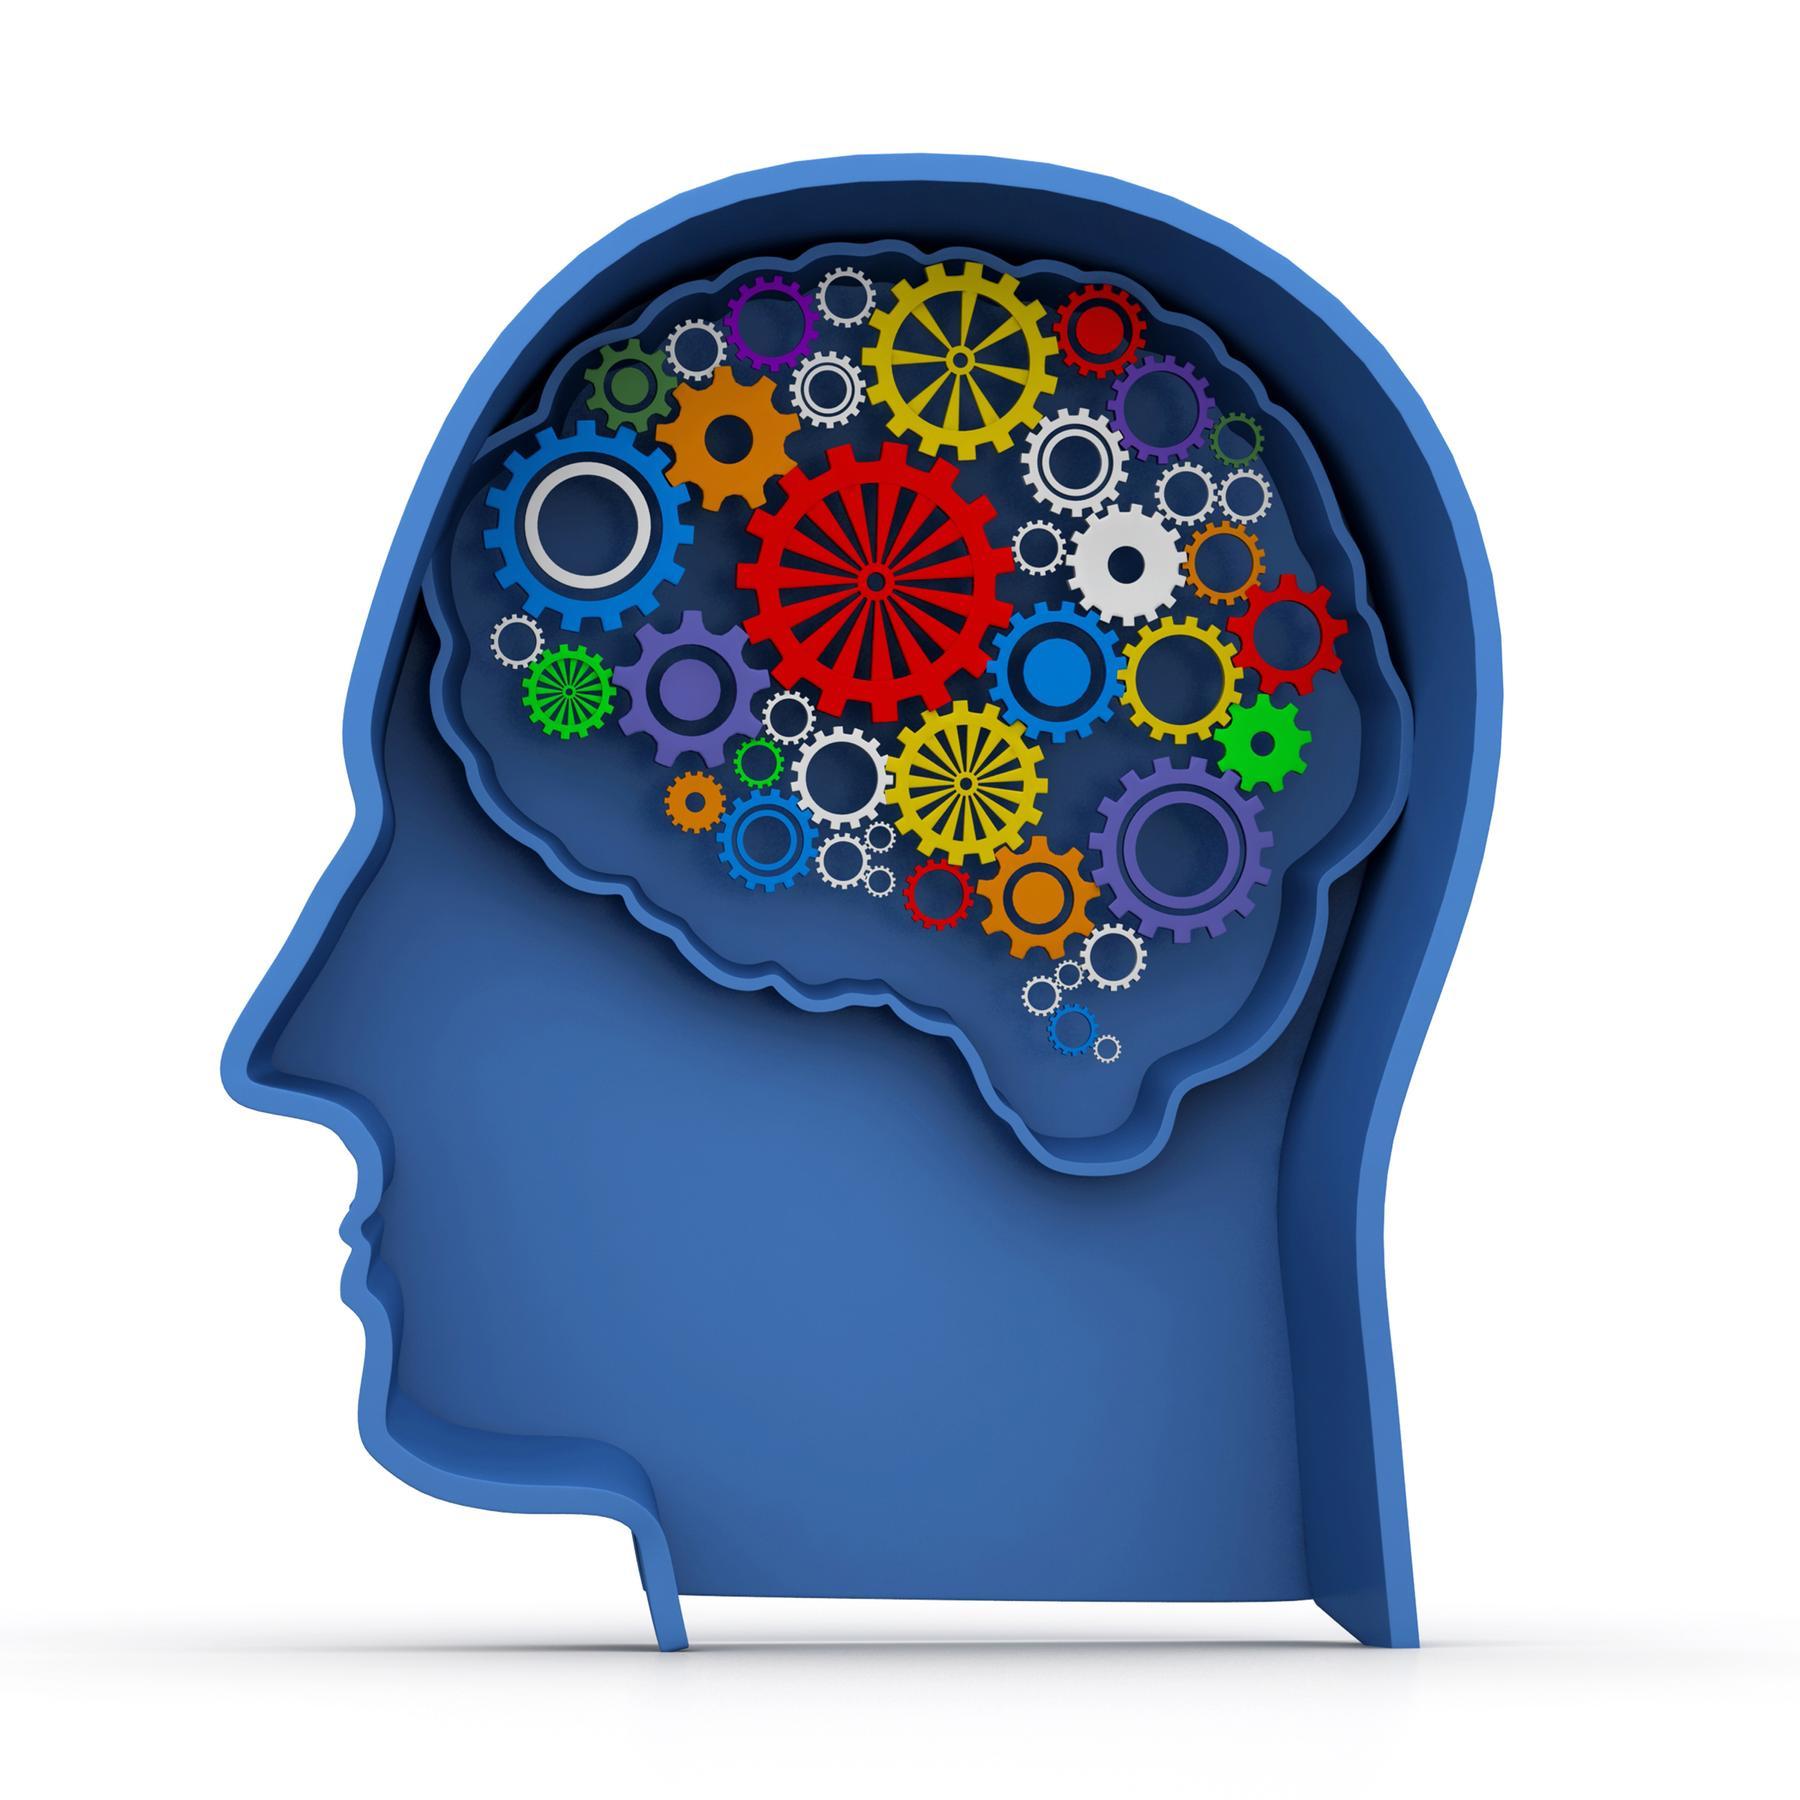 Neuroplastizität - Wie das Gehirn sich neu strukturiert